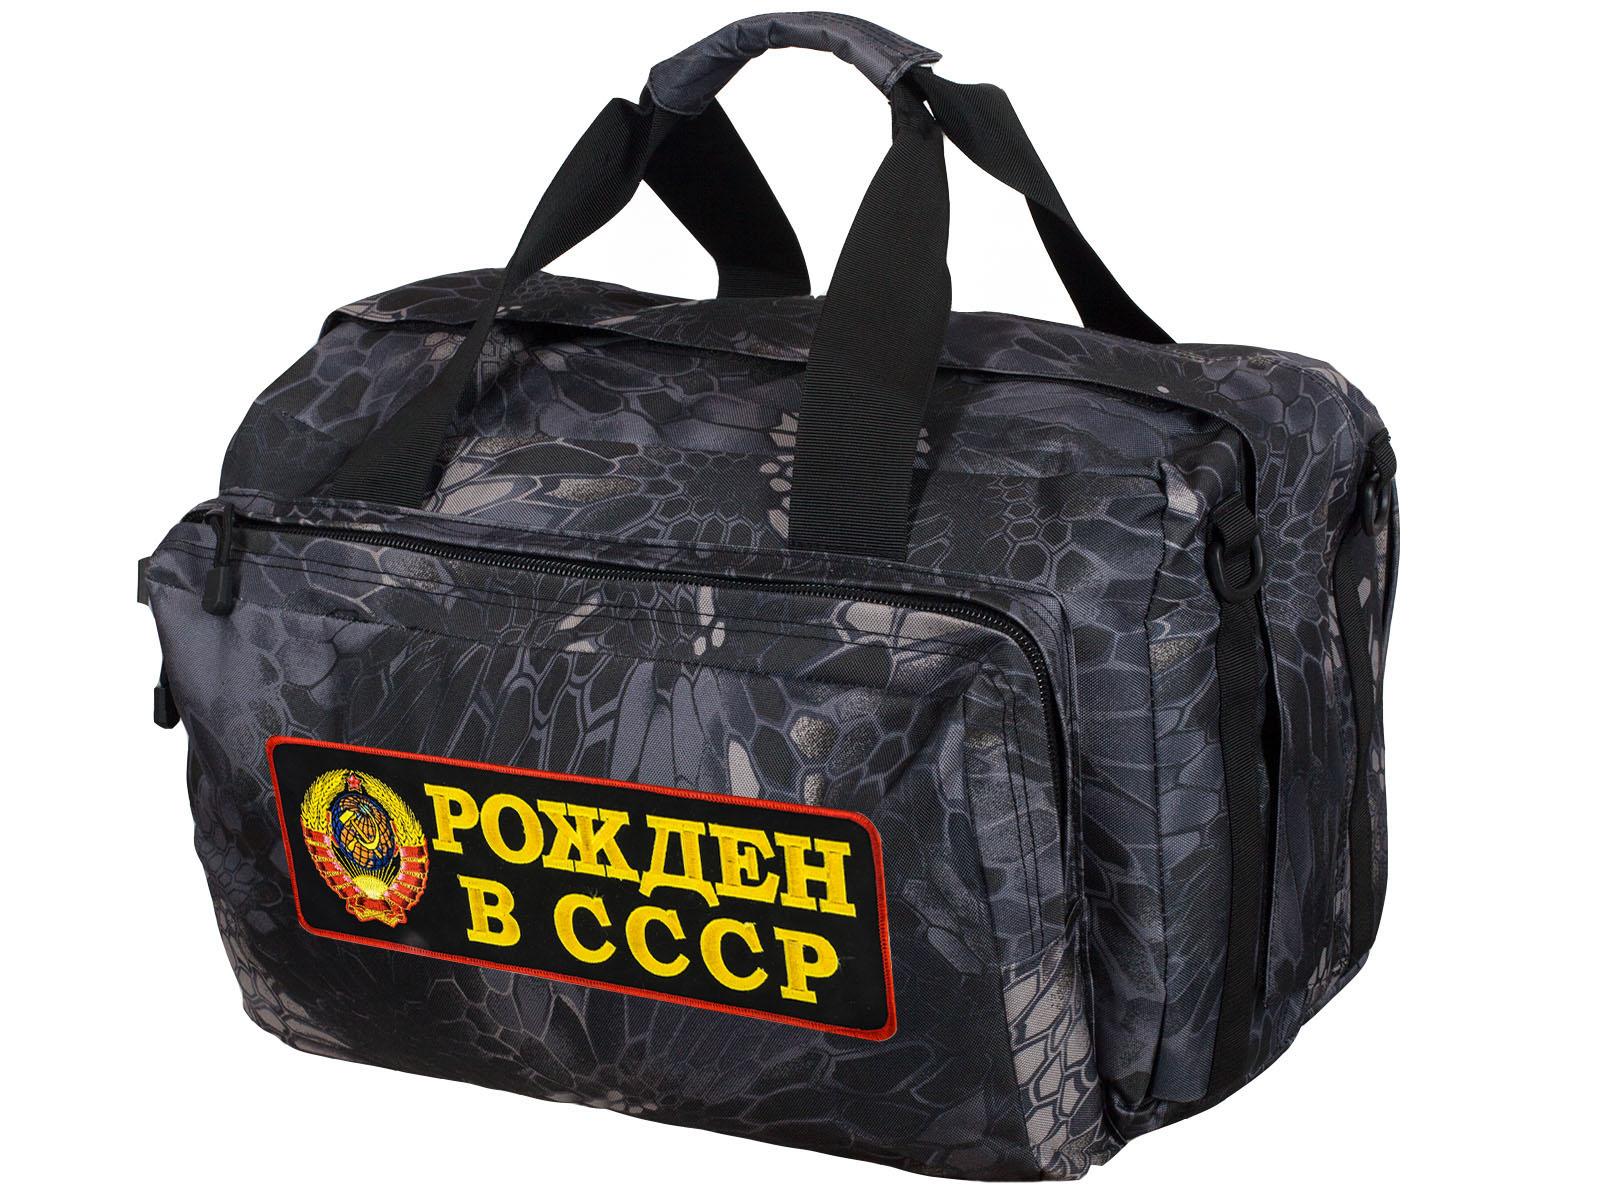 Сумки для путешествий и военных целей – эксклюзив с шевроном Рожден в СССР